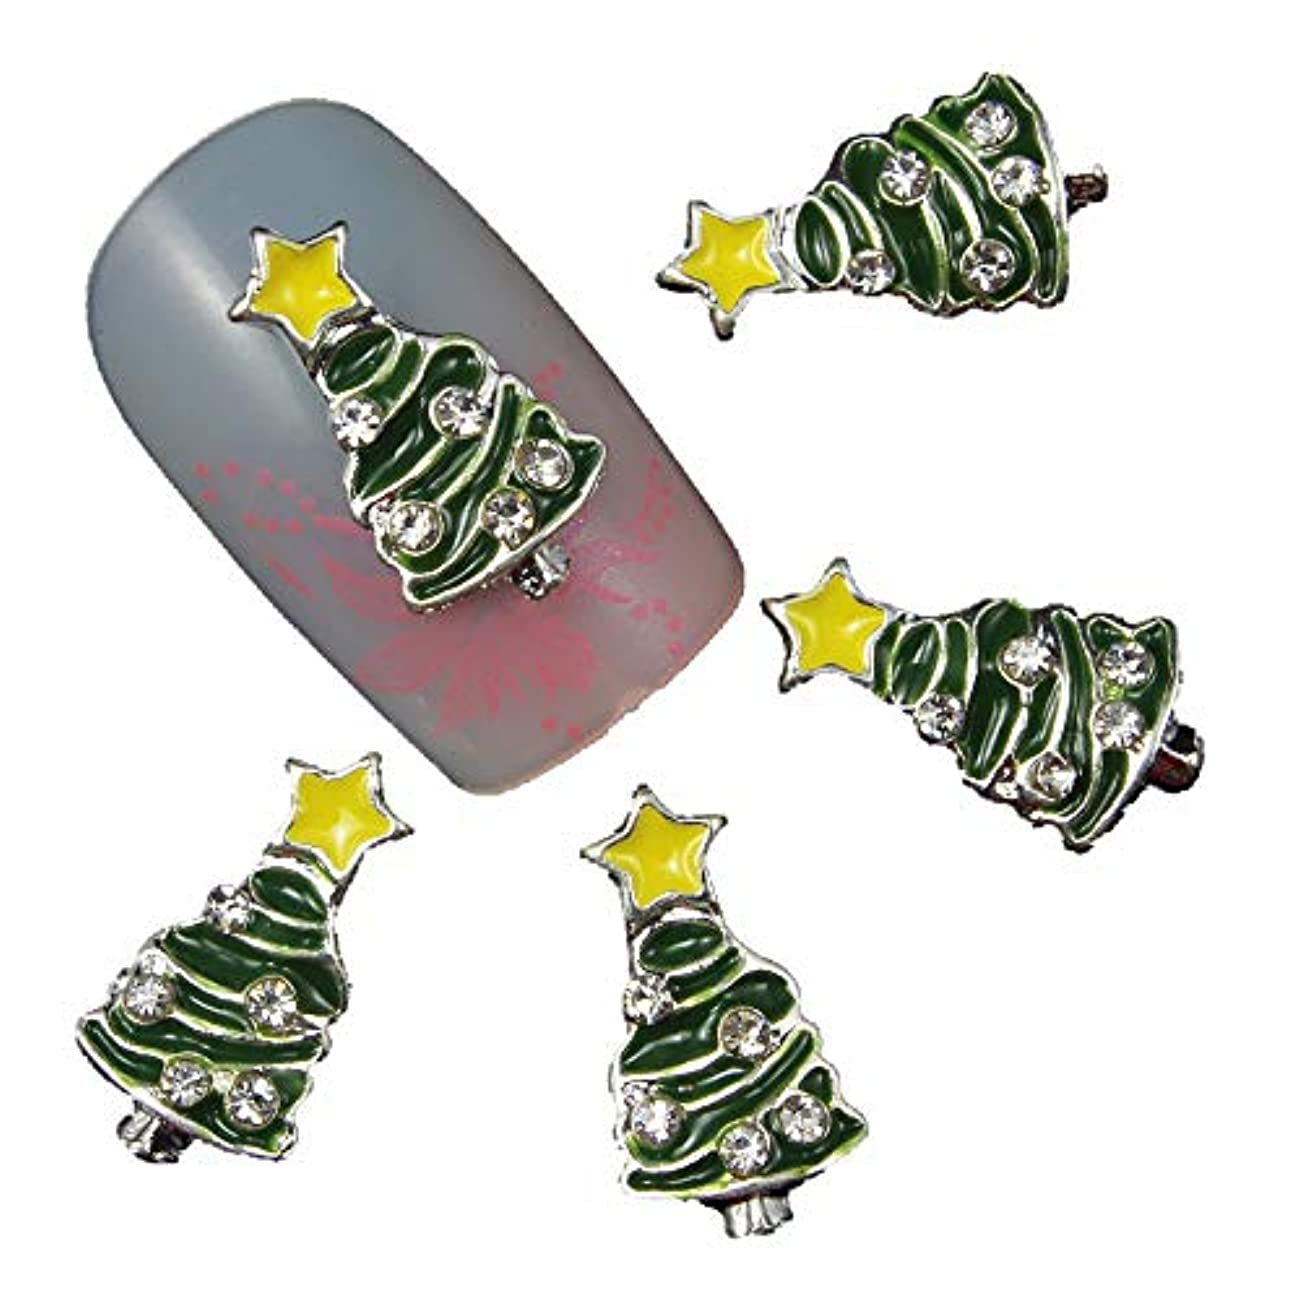 子犬税金折る10個/ロット3Dクリスマスツリーのネイルアートマジックカラーデザインのスタッドは、美容ネイルチャームラインストーン用品